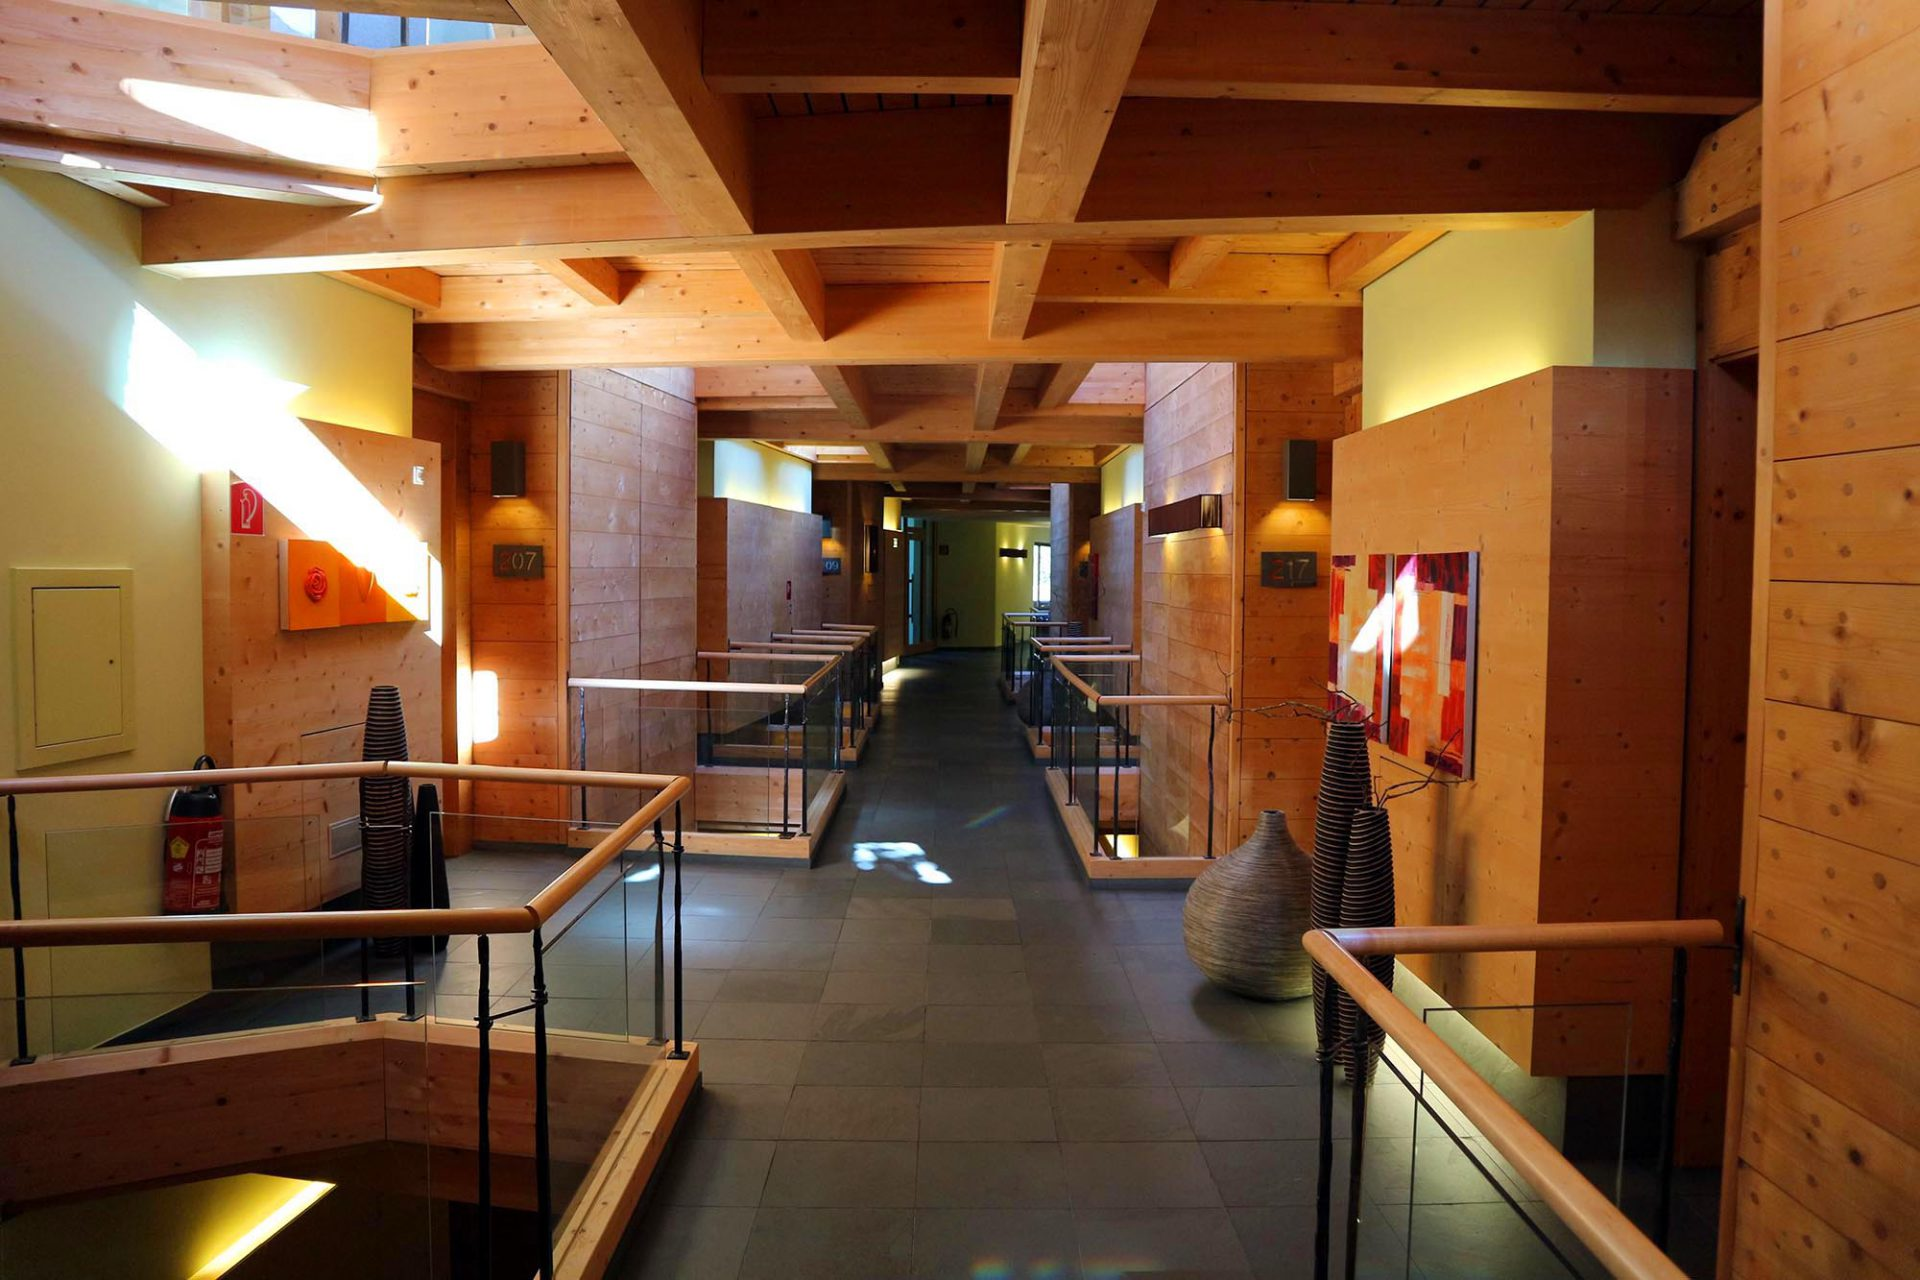 Naturhotel Waldklause. Neben anderen Holzarten ist die Zirbe Hauptbestandteil des Hauses. Die Innenausstattung verantwortete Frau Auer. Von ihr stammen auch viele der Malereien im Hotel.